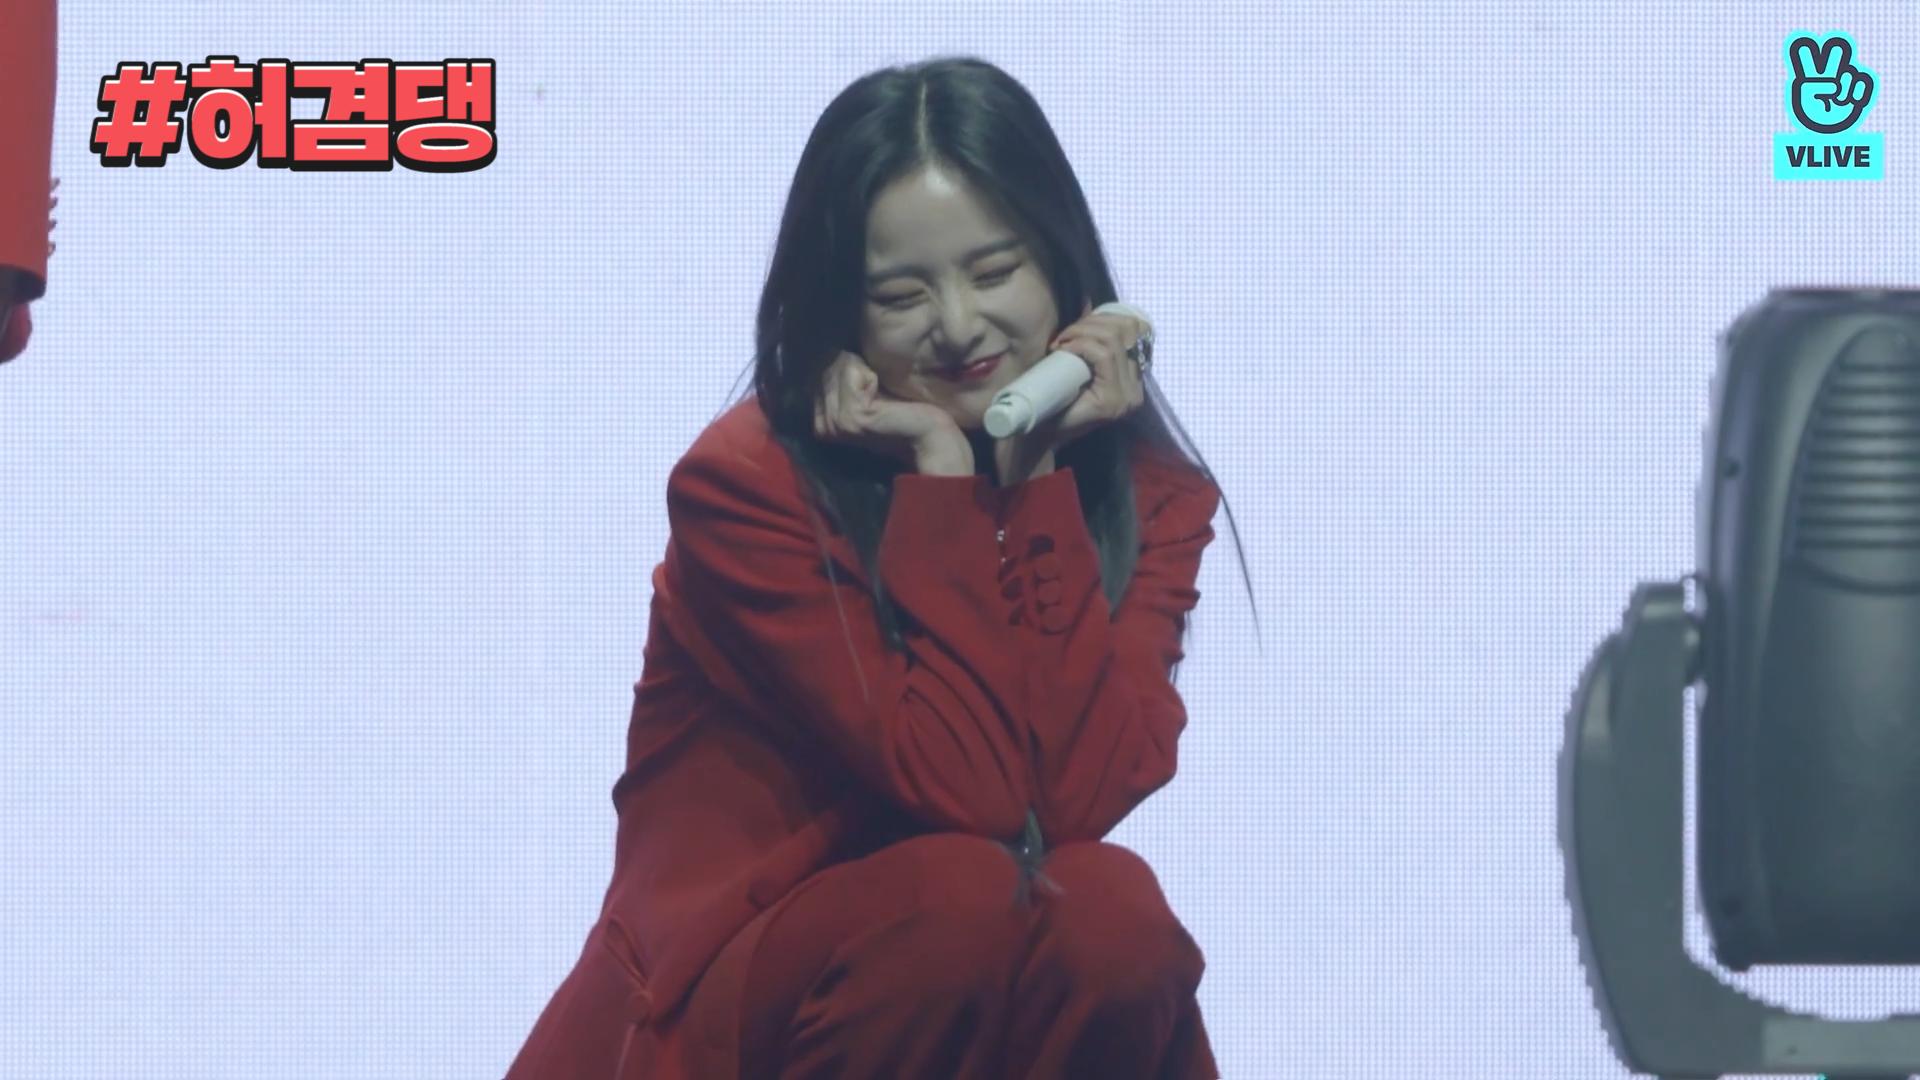 [EXID] 귀엽고 섹시하고 멋순하고 다하는 오엑사디 알러뷰!!!!!!(EXID's comeback showcase)